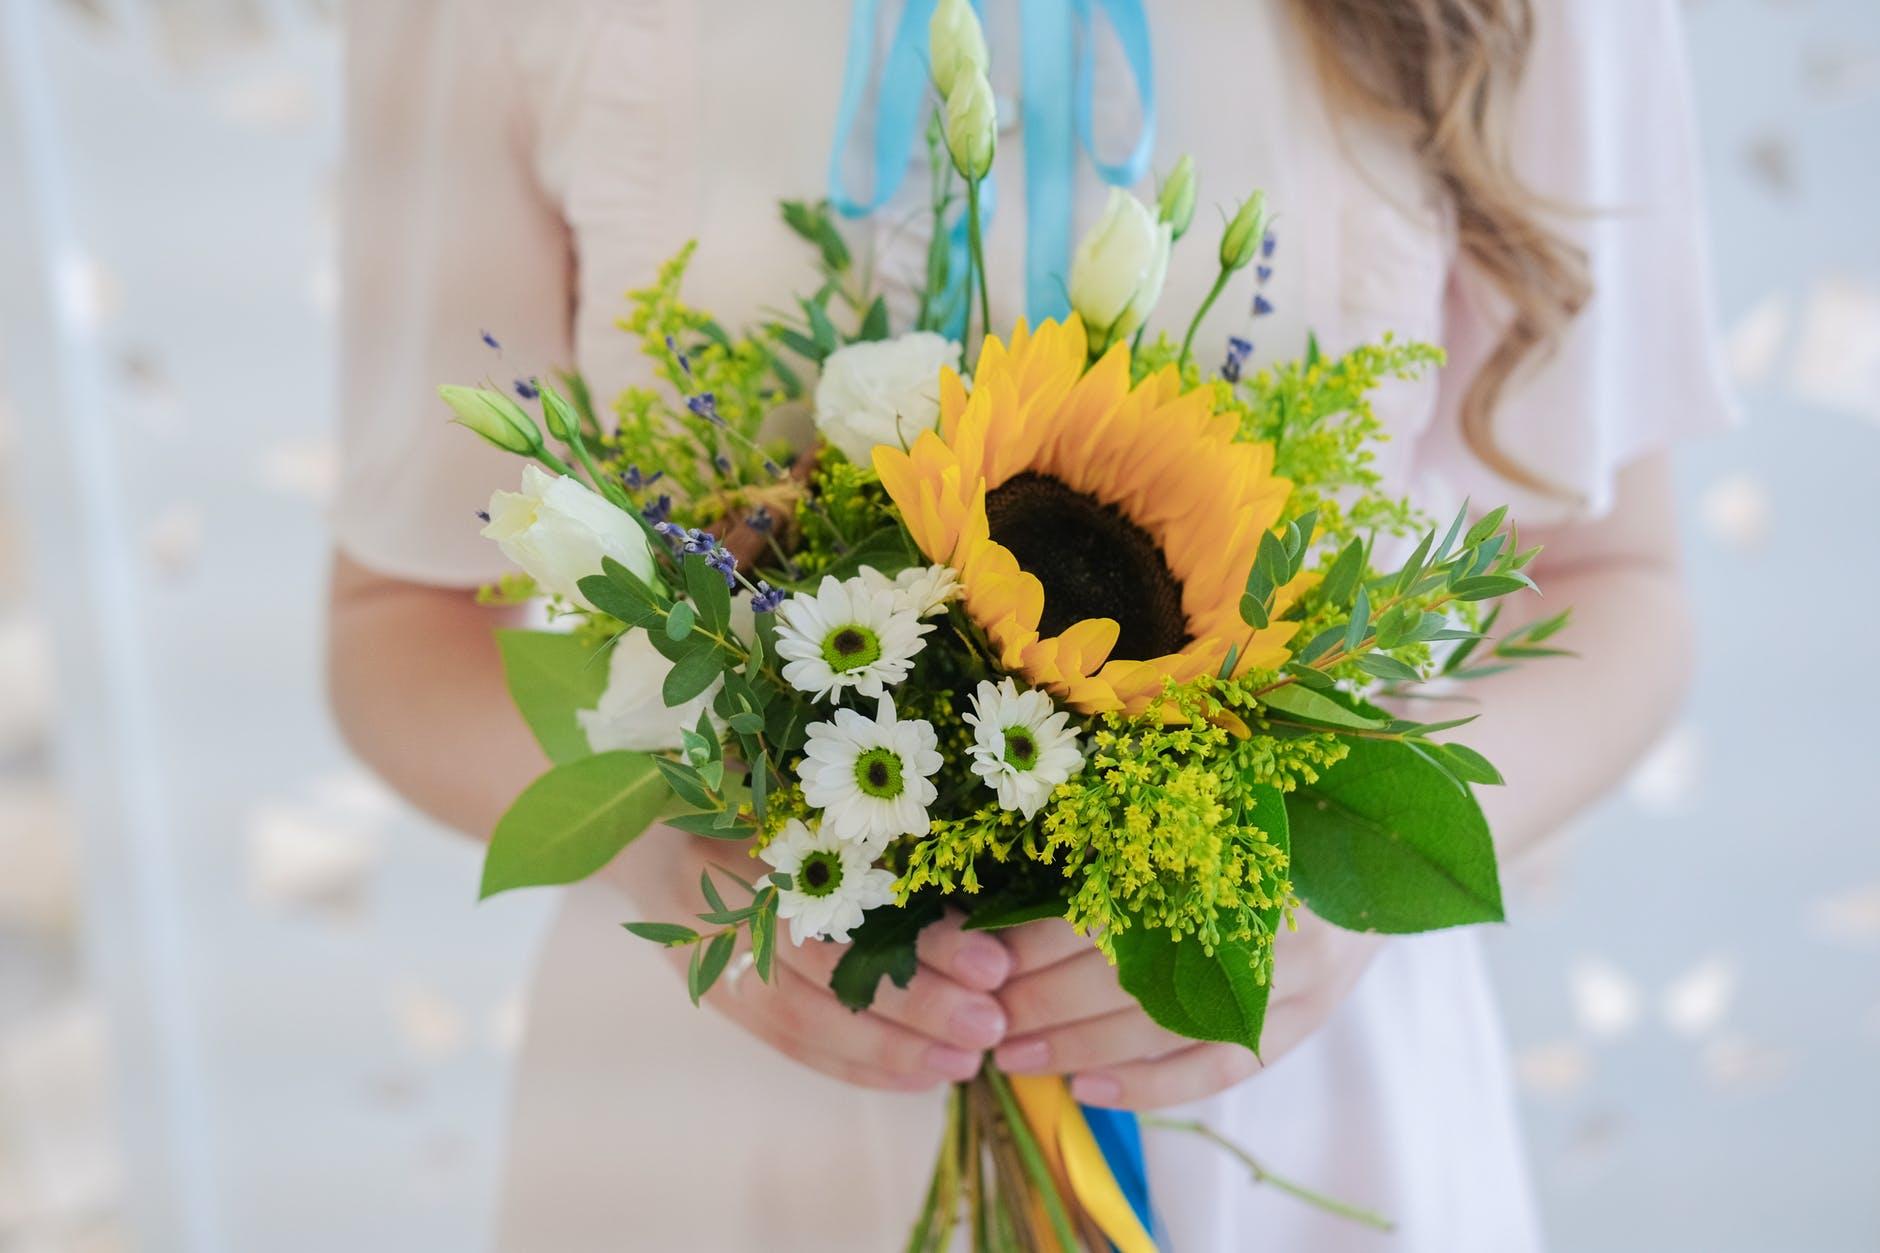 bunch of fresh elegant flowers in hands of crop unrecognizable bride